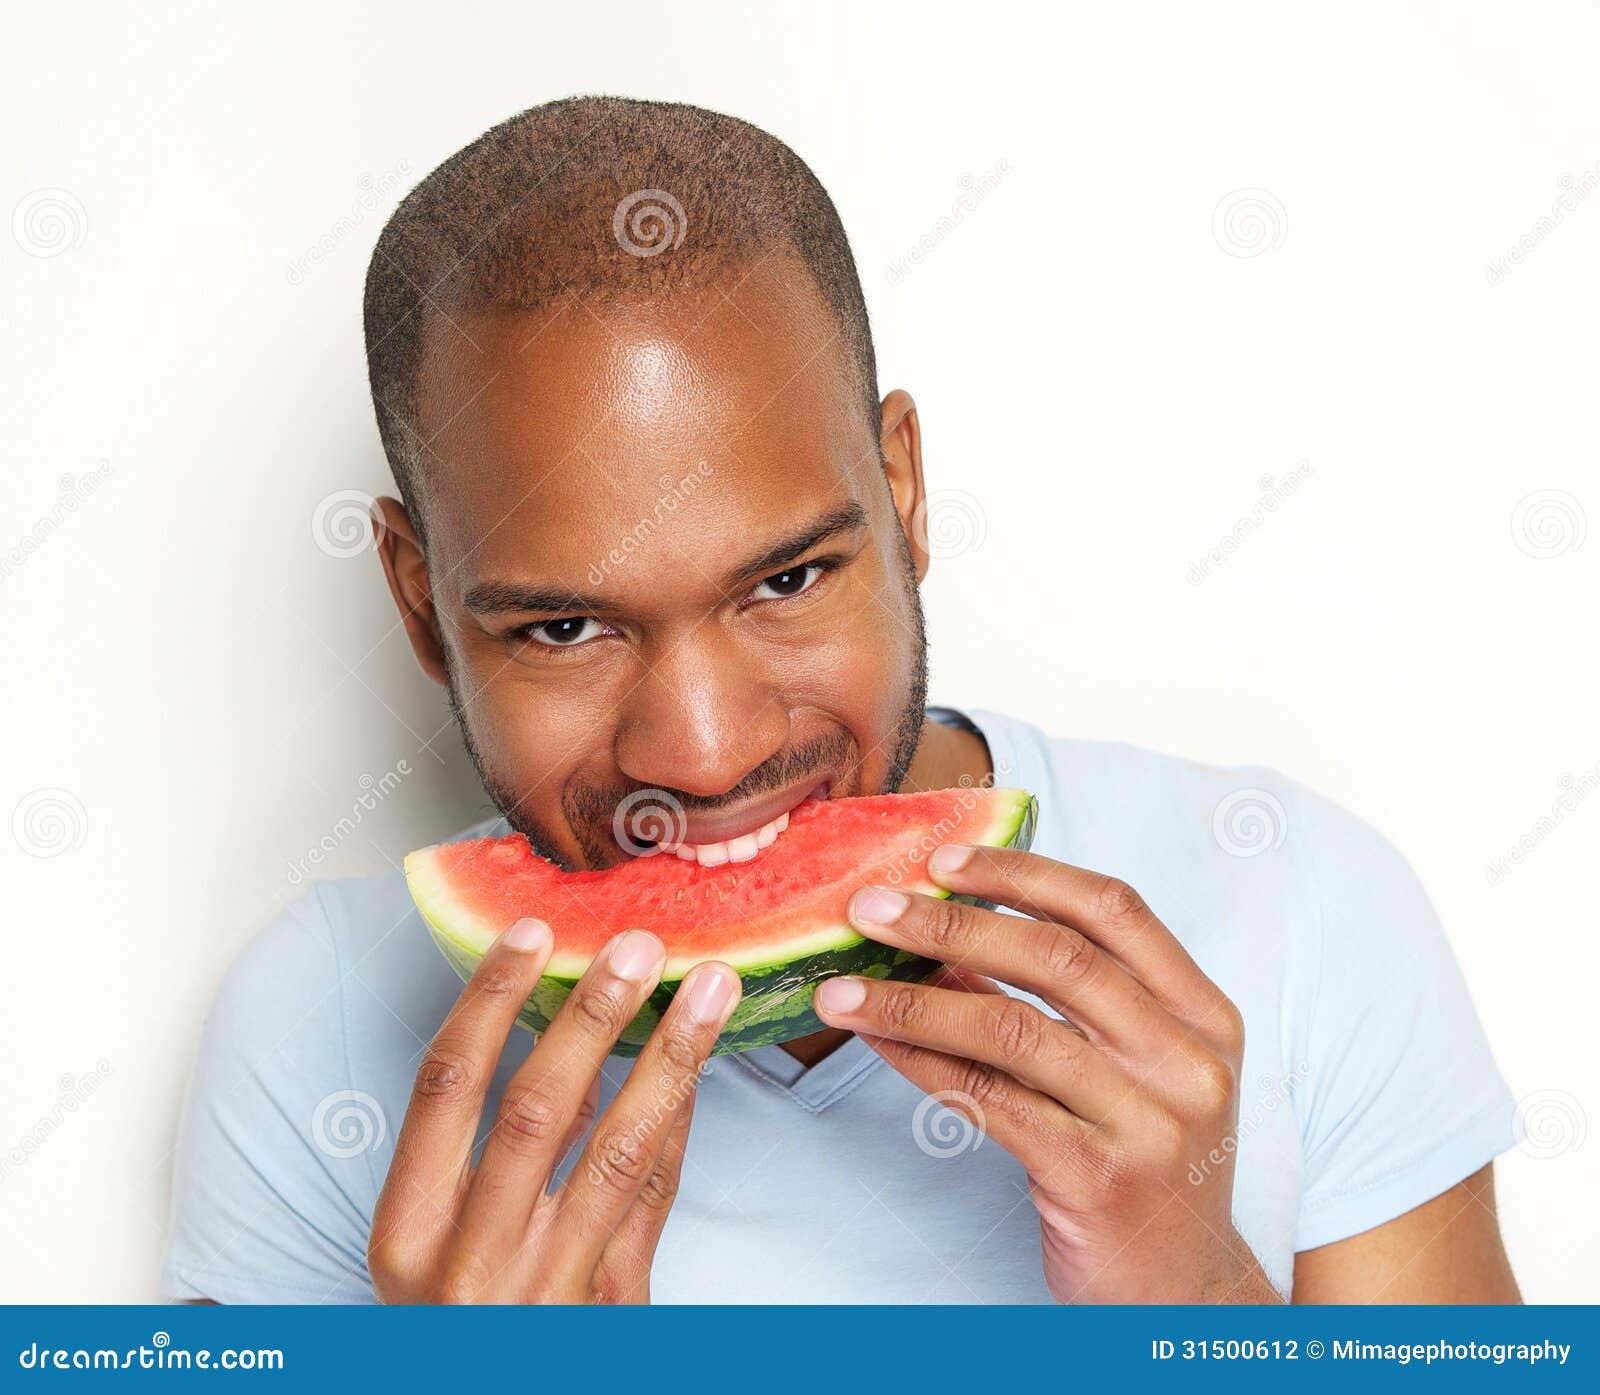 Watermelon: A Natural Viagra?